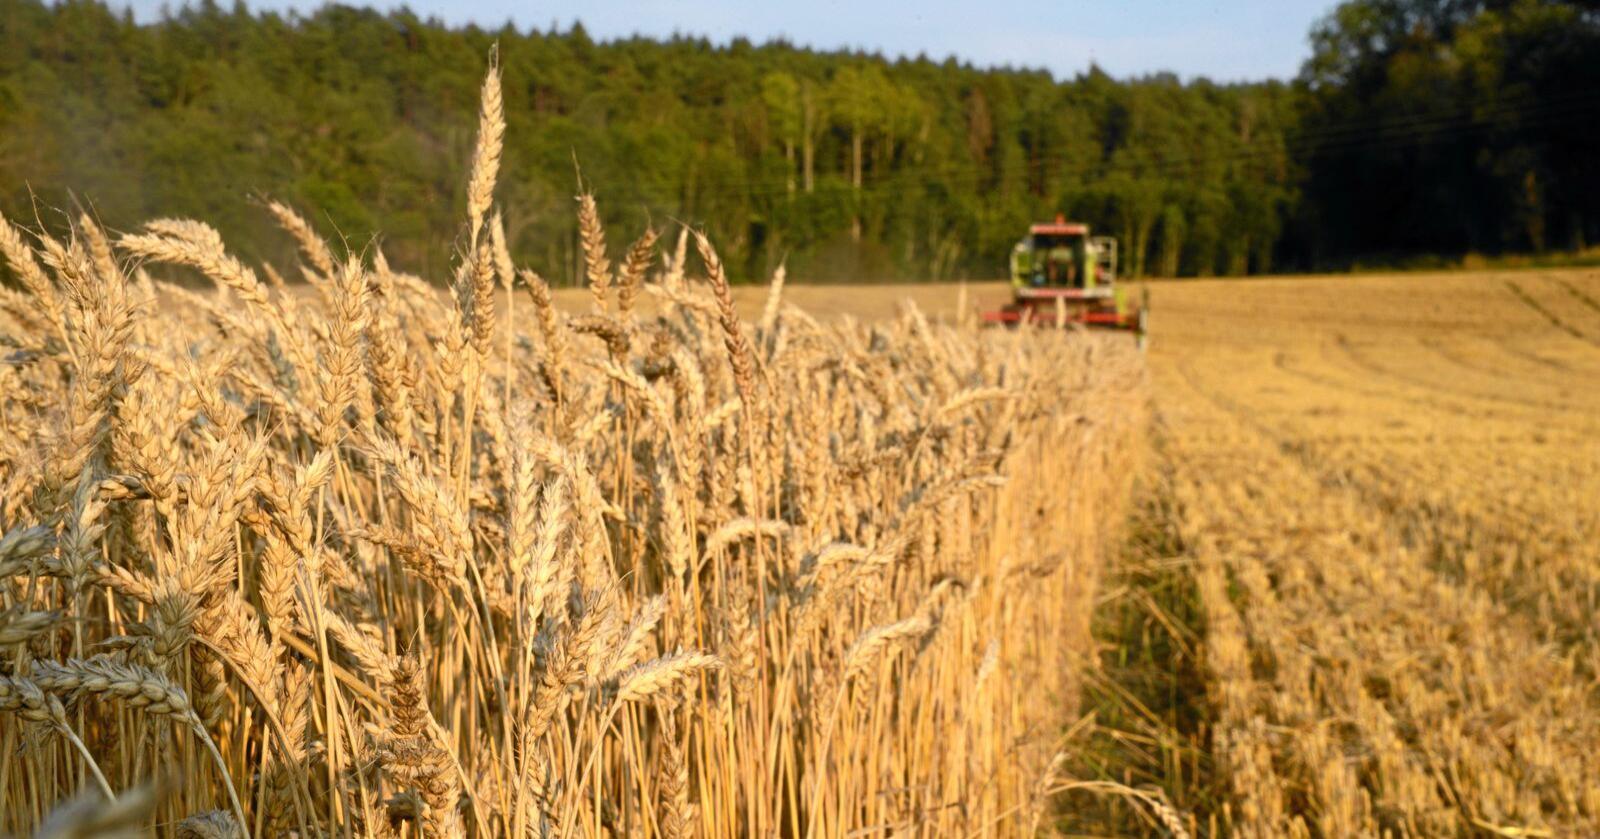 Årets spørreskjema går ut til 40.000 jordbruksbedrifter. Foto: Mariann Tvete